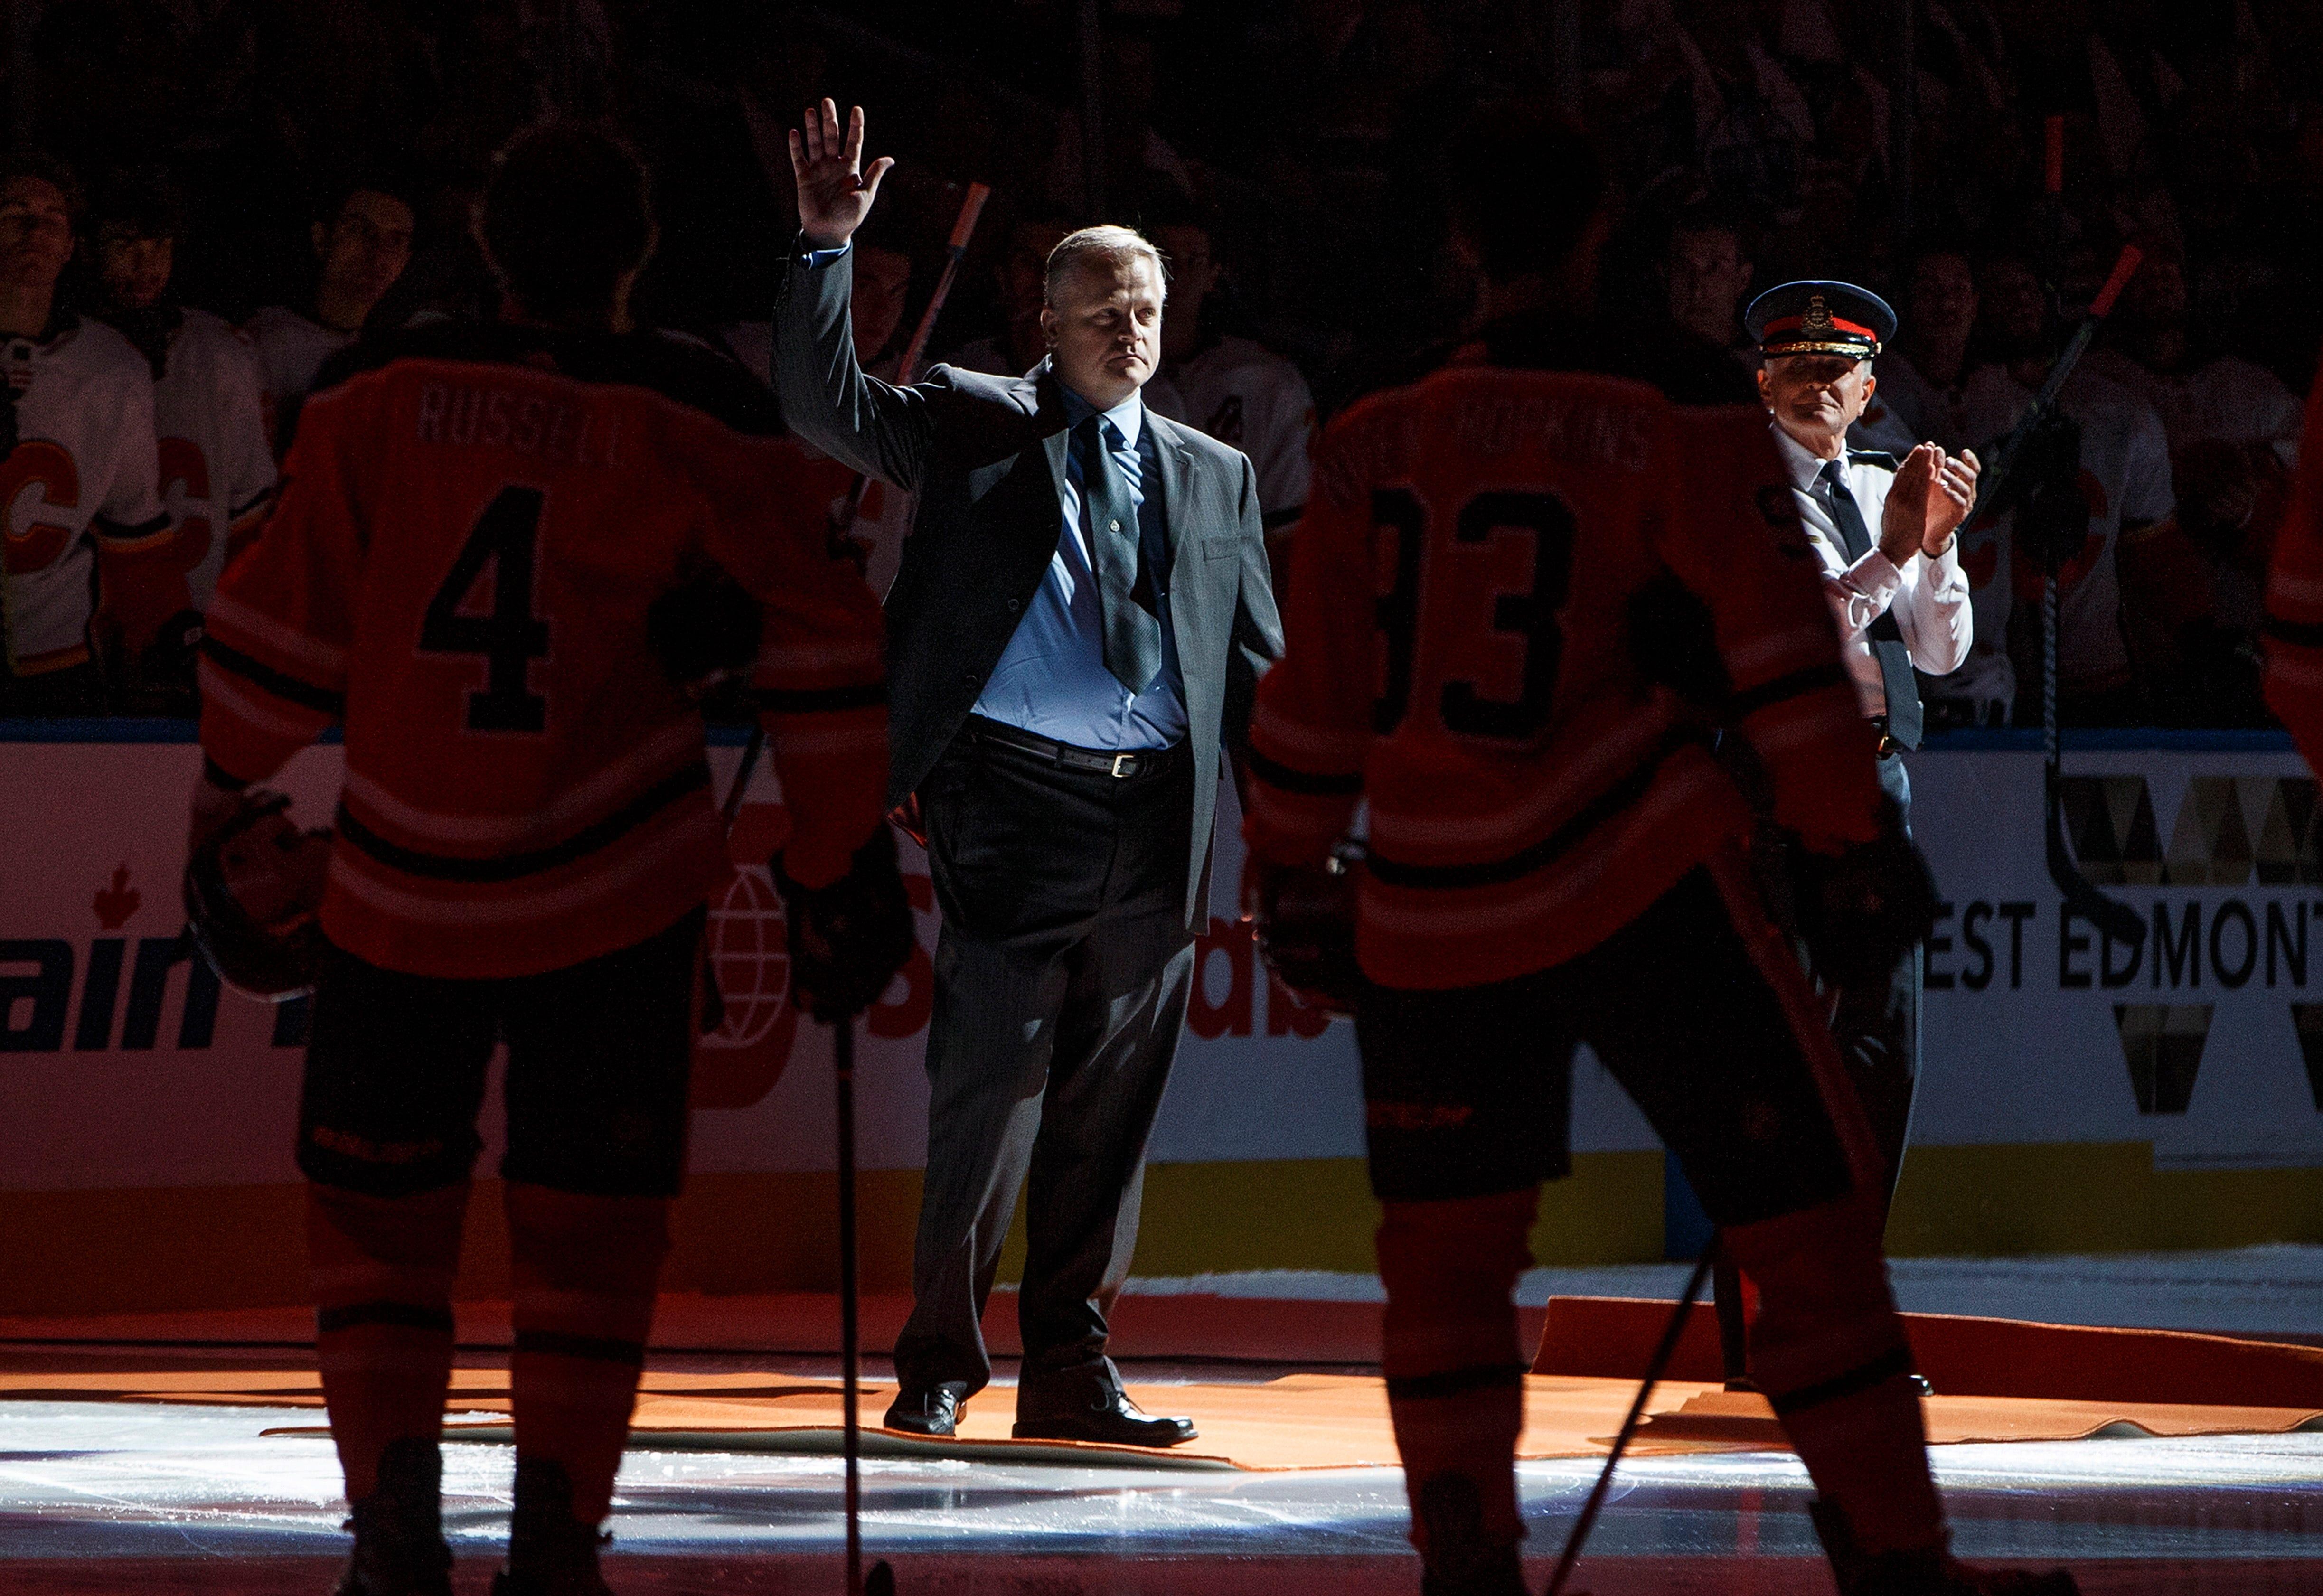 McDavid scores hat trick, Oilers blank Flames 3-0 in opener